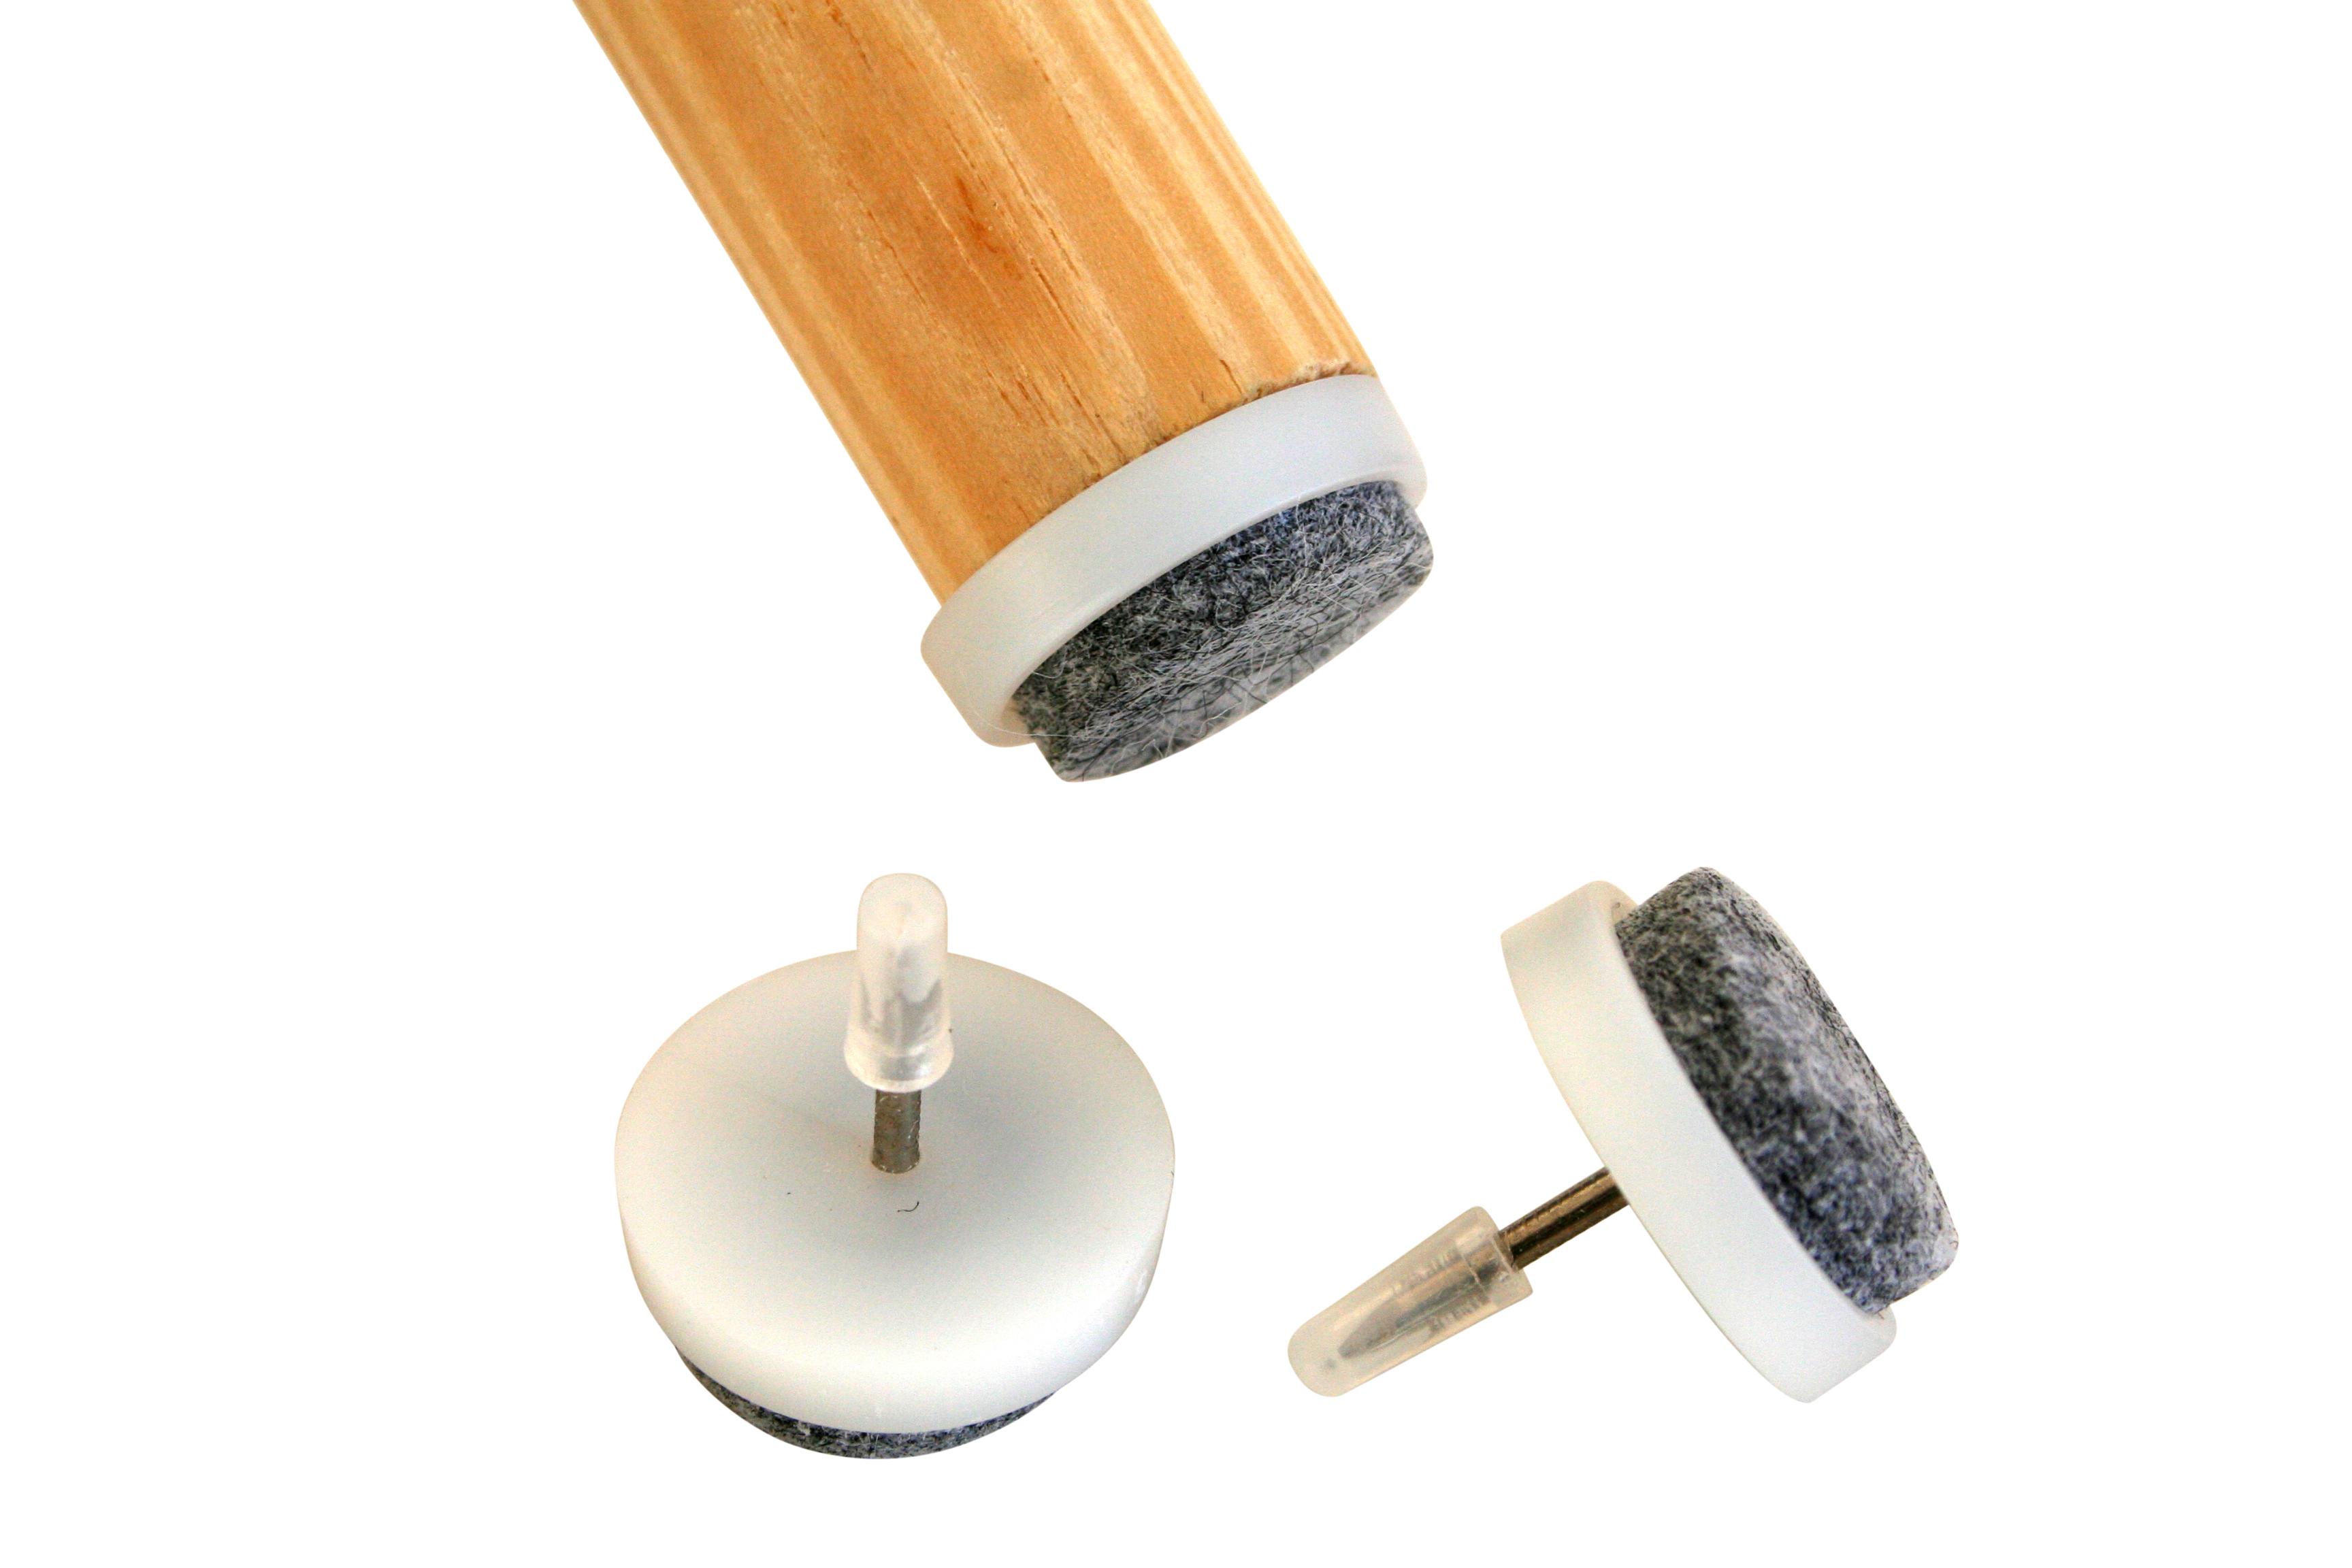 der gro e m belgleiter vergleich welcher gleiter ist der richtige f r mich. Black Bedroom Furniture Sets. Home Design Ideas